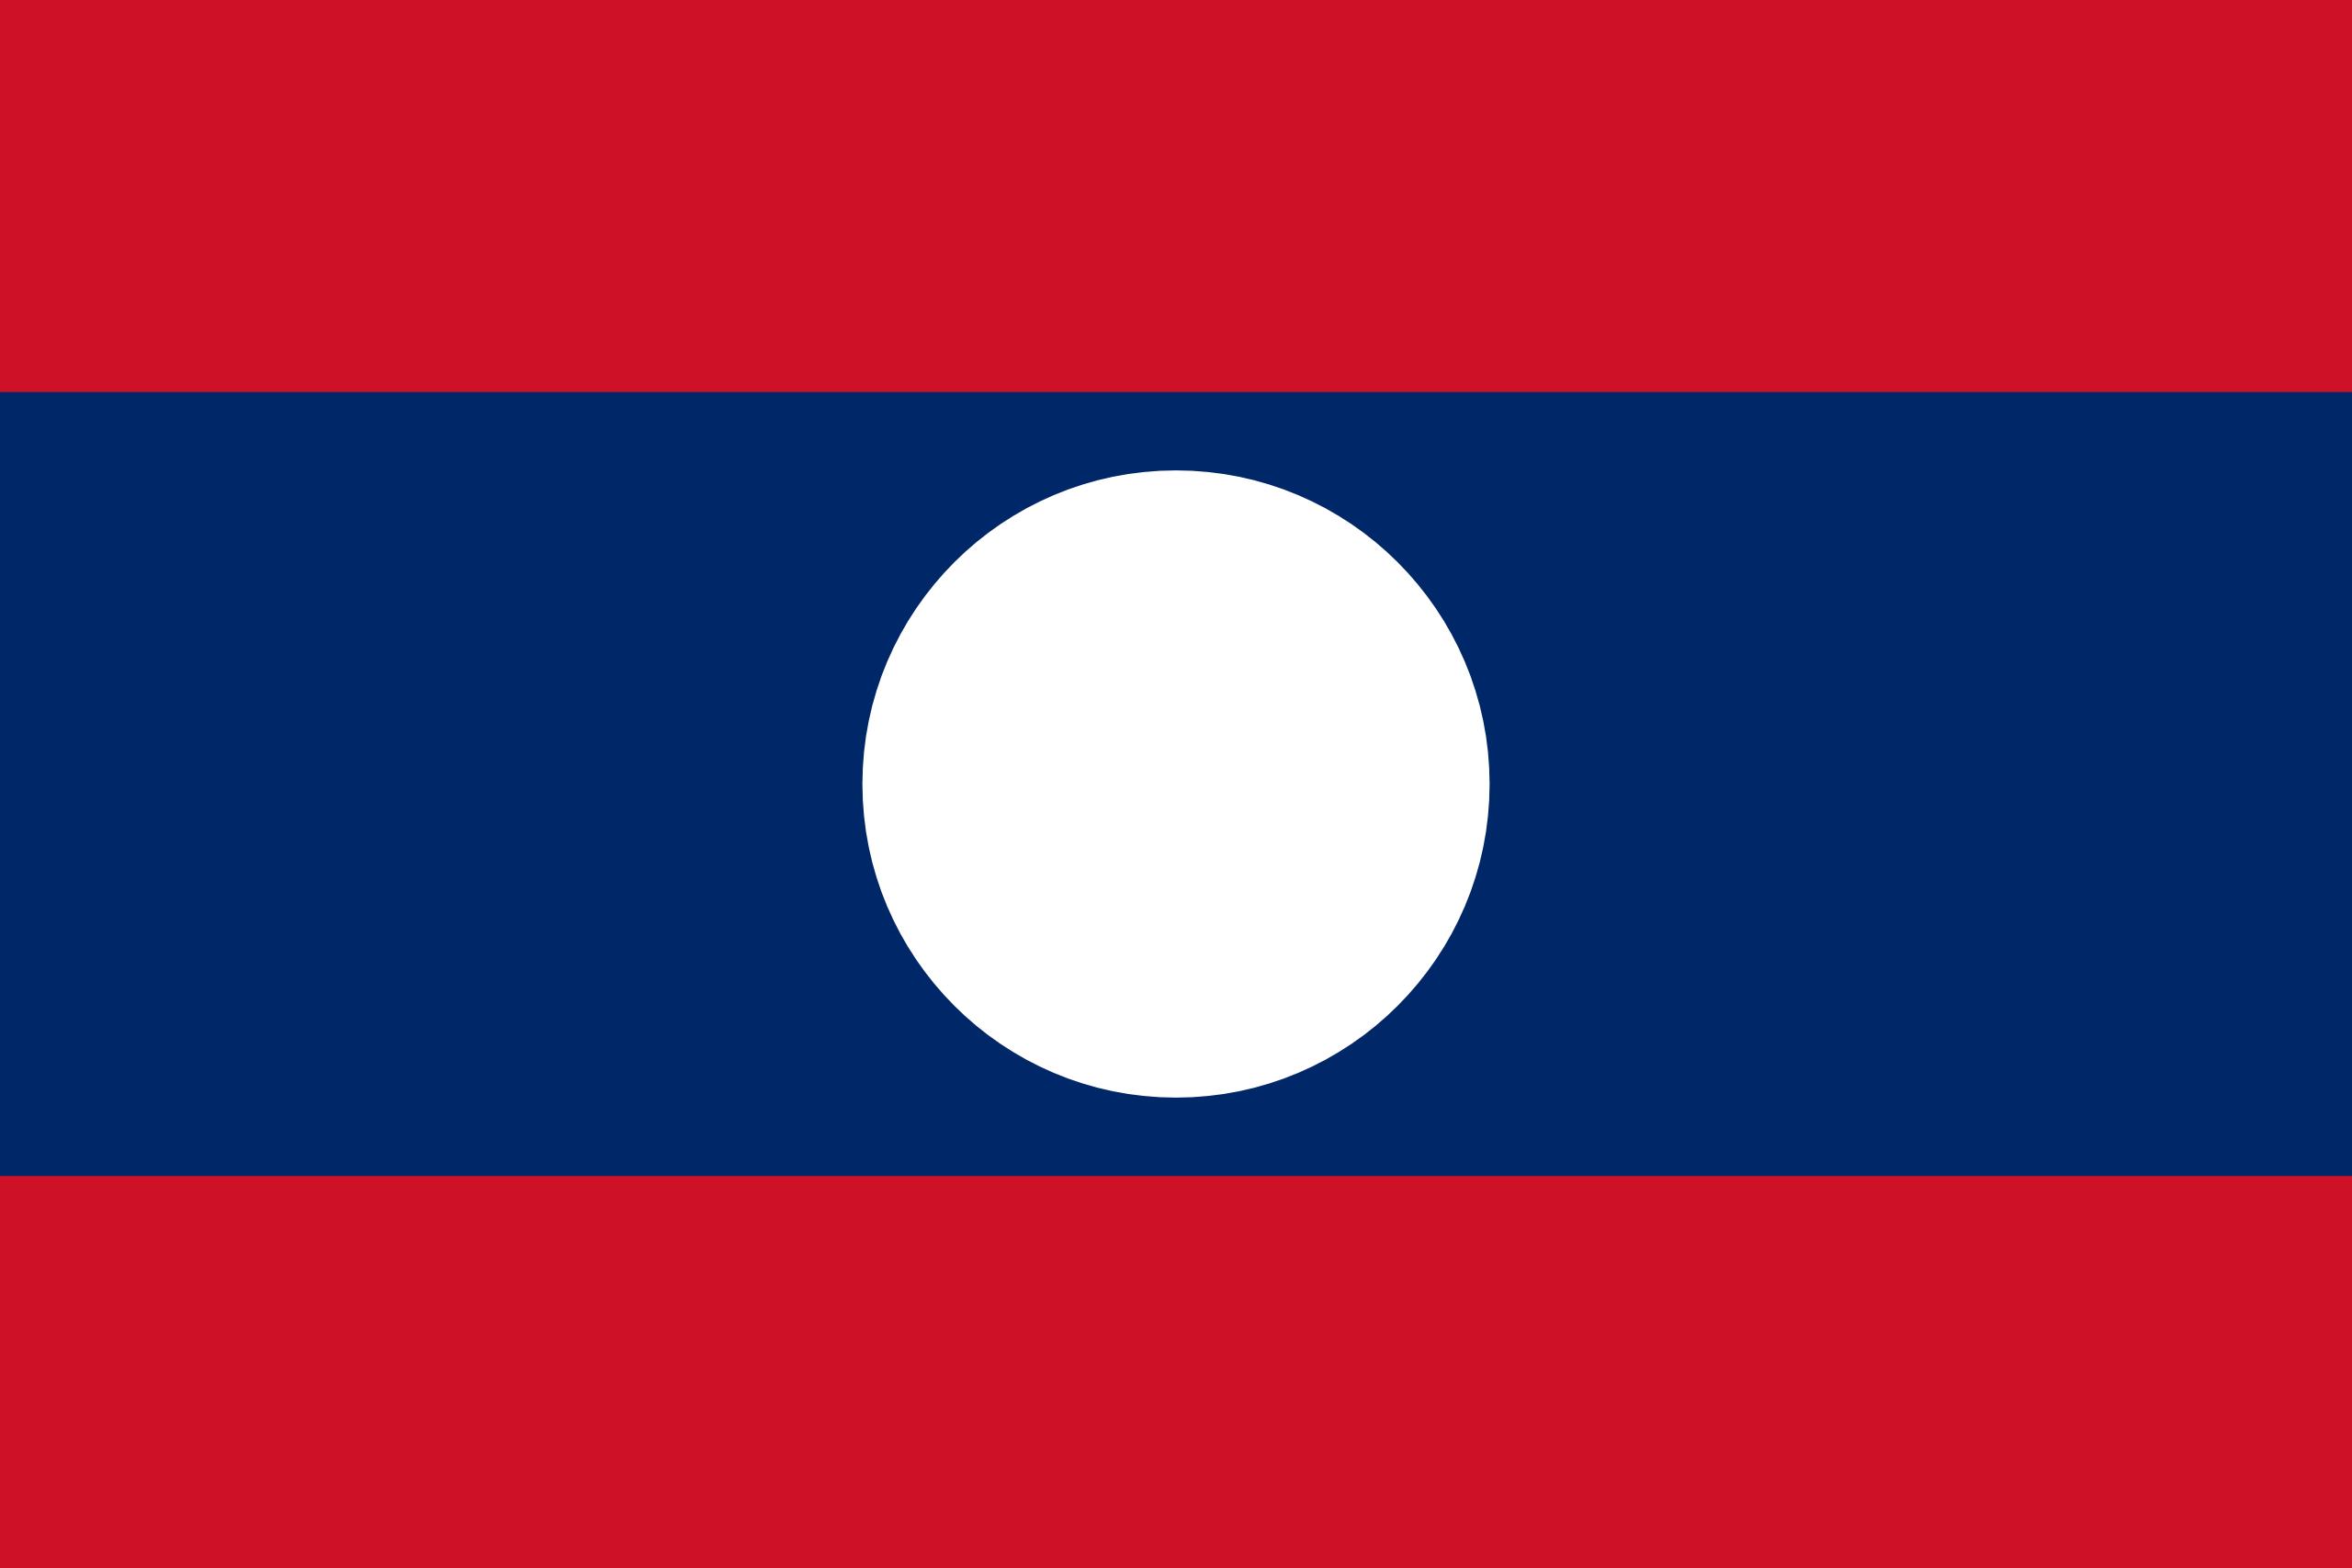 老挝, 国家, 会徽, 徽标, 符号 - 高清壁纸 - 教授-falken.com